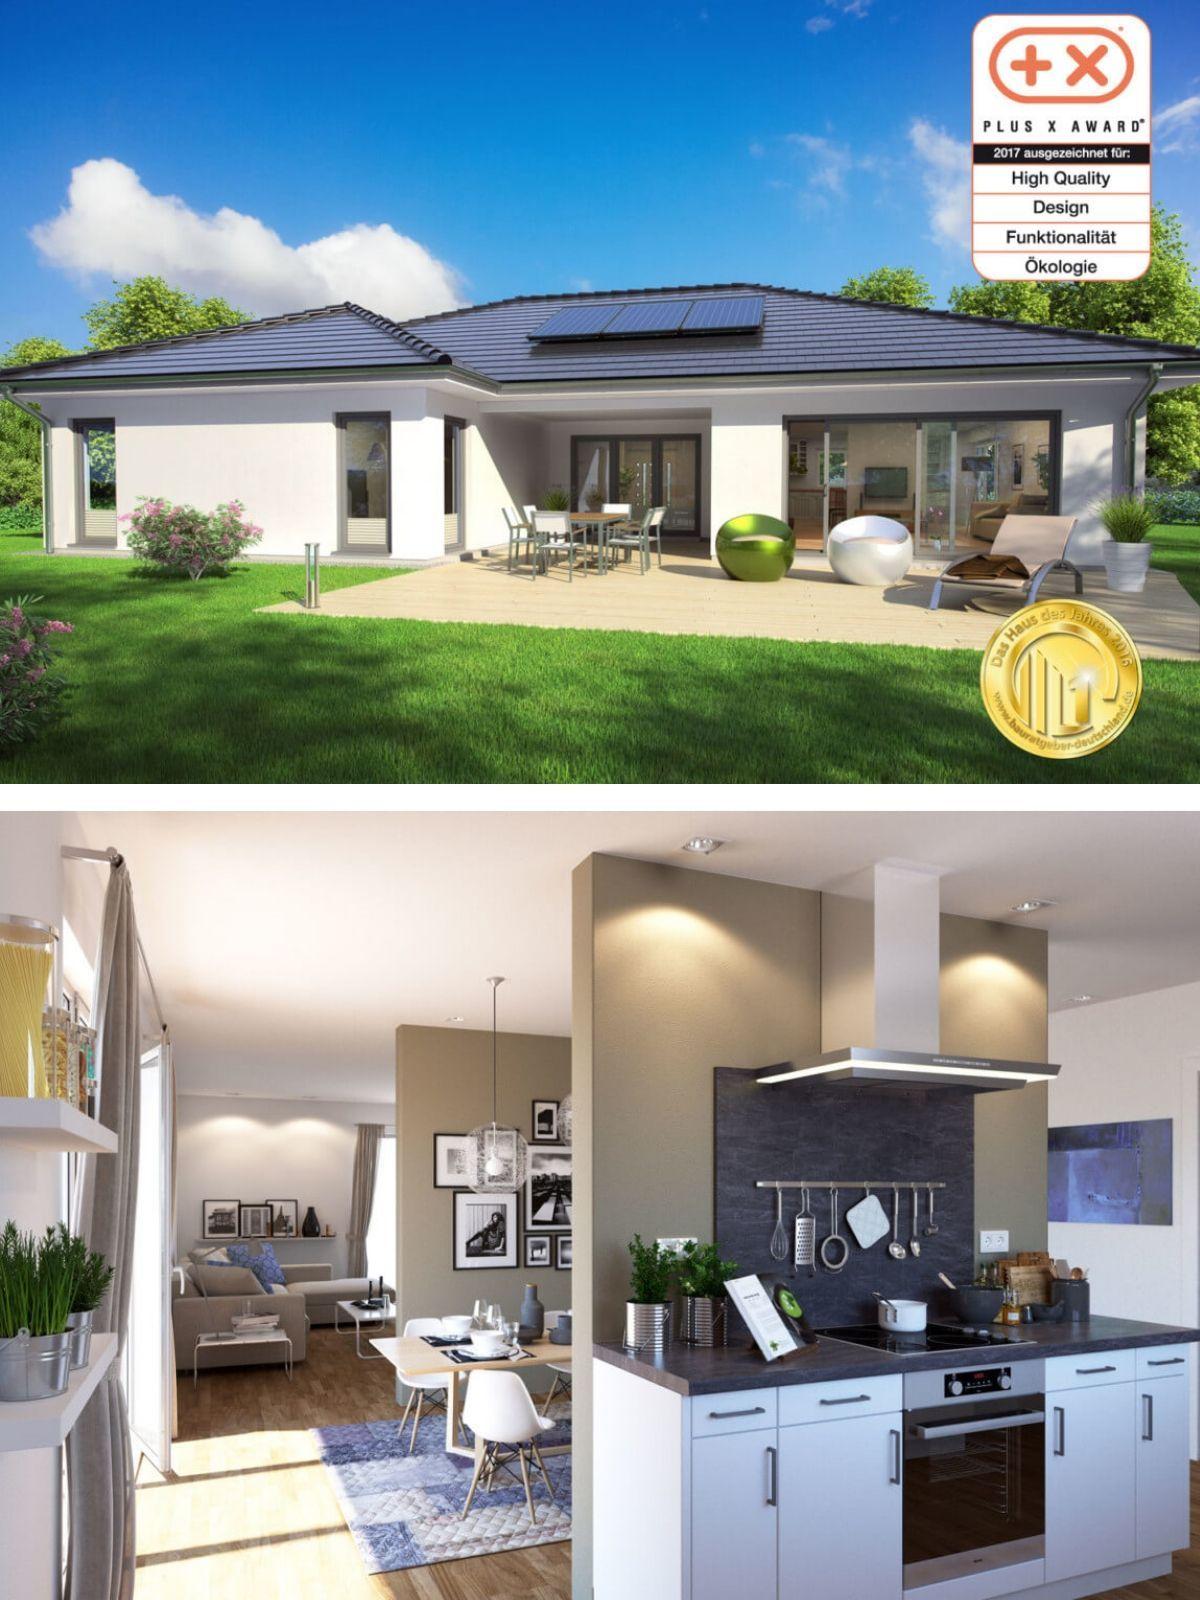 Bungalow Haus Modern Mit Walmdach Architektur In Uform U0026 Grundriss Innen  Mit Offener Küche   Einfamilienhaus Ebenerdig Bauen Fertighaus SH 169 WB  Von ...